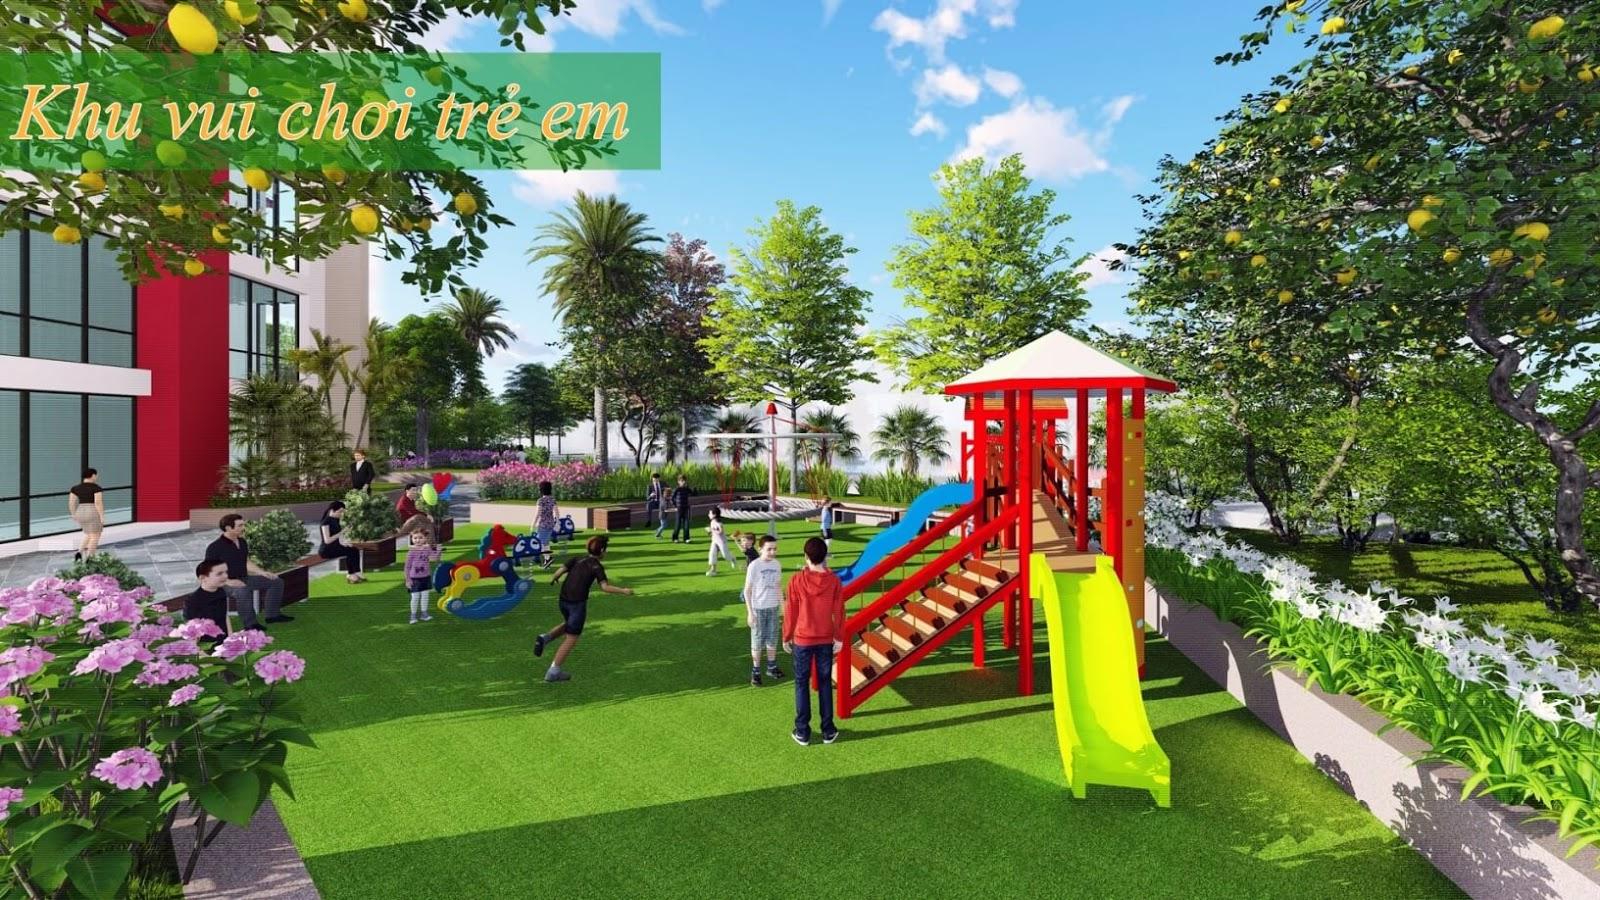 Khu vui chơi trẻ em chung cư 360 Giải Phóng